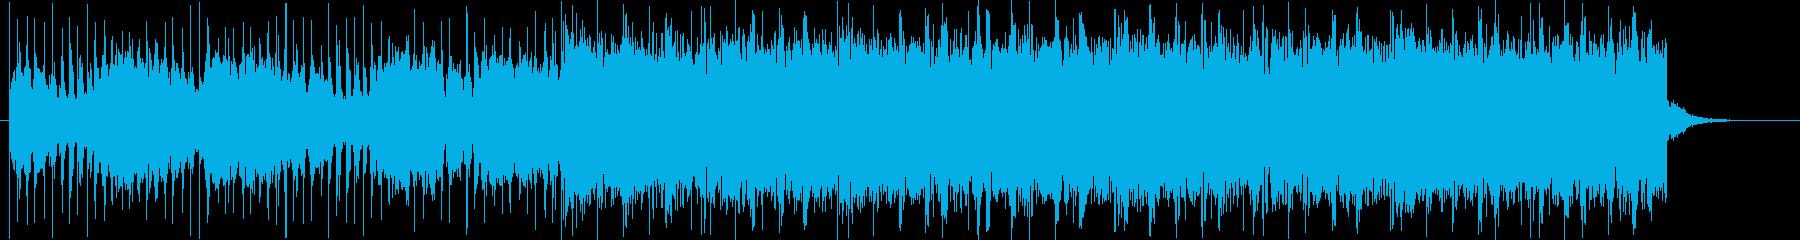 チルウェイブBGMの再生済みの波形